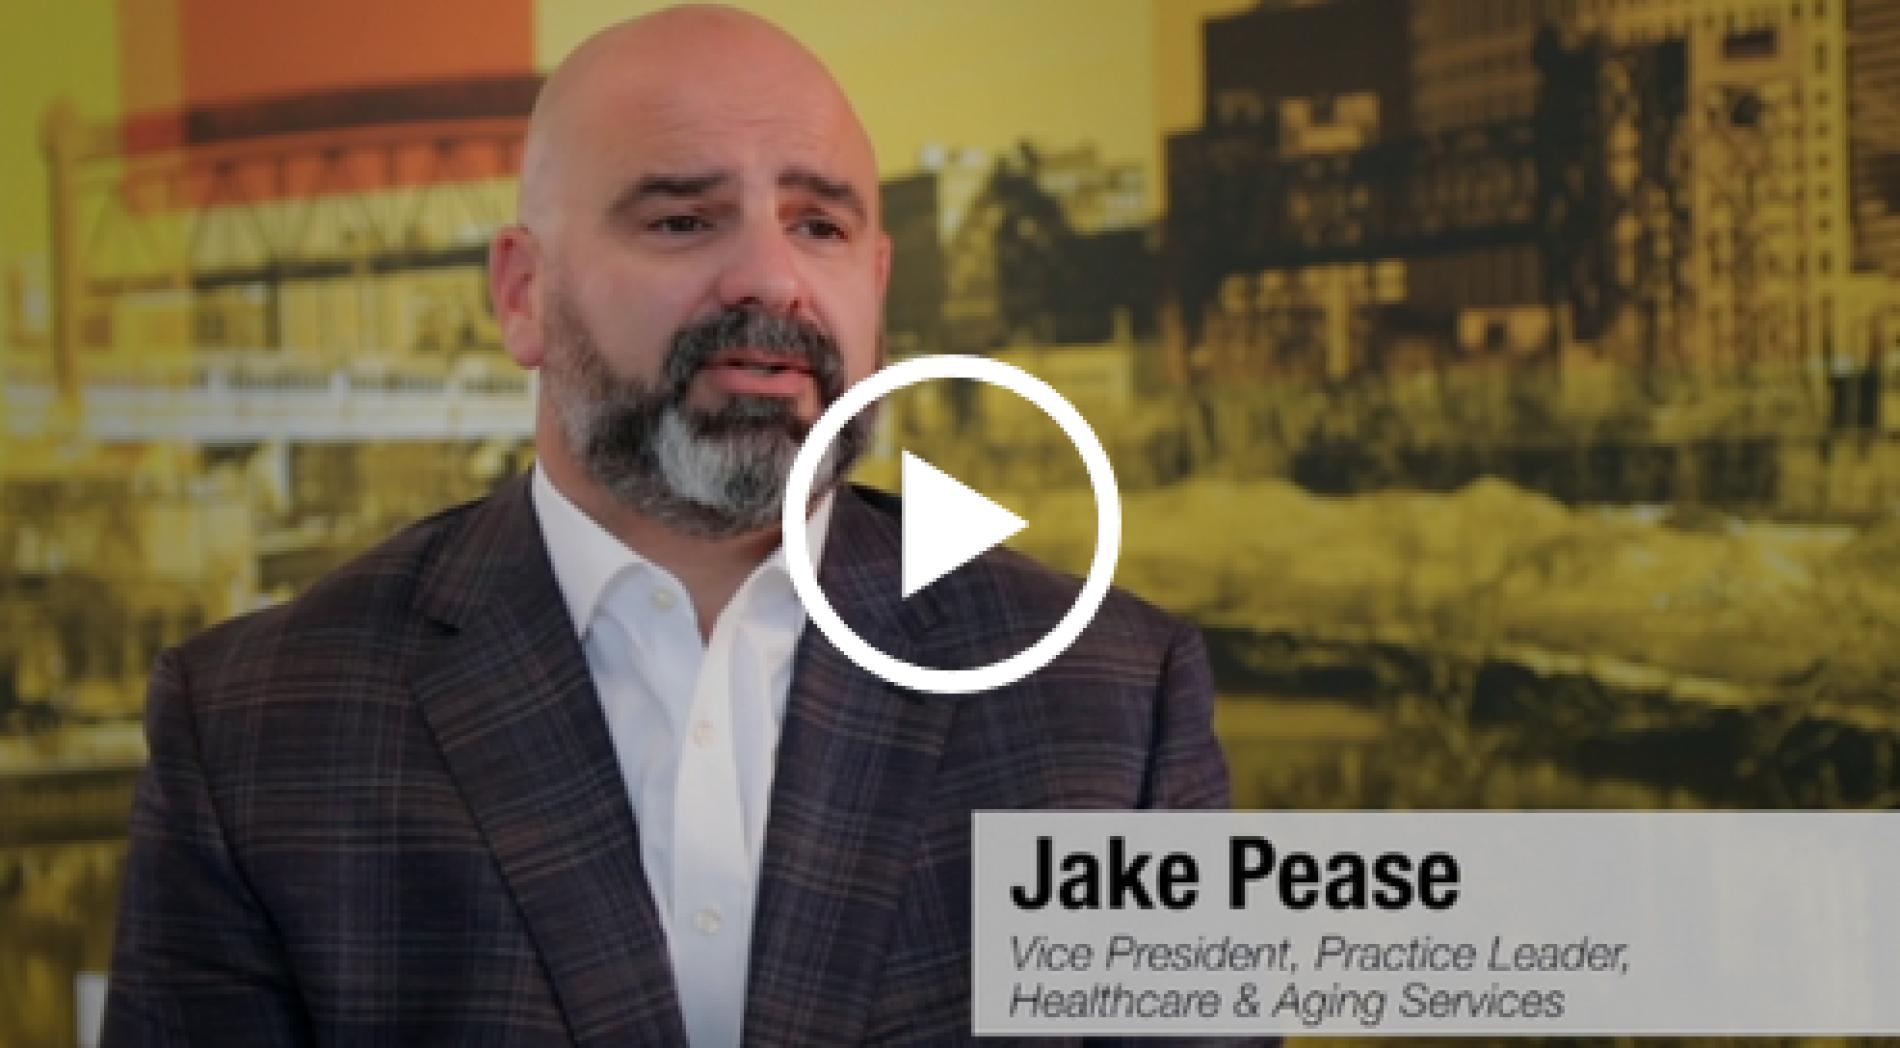 Jake Pease